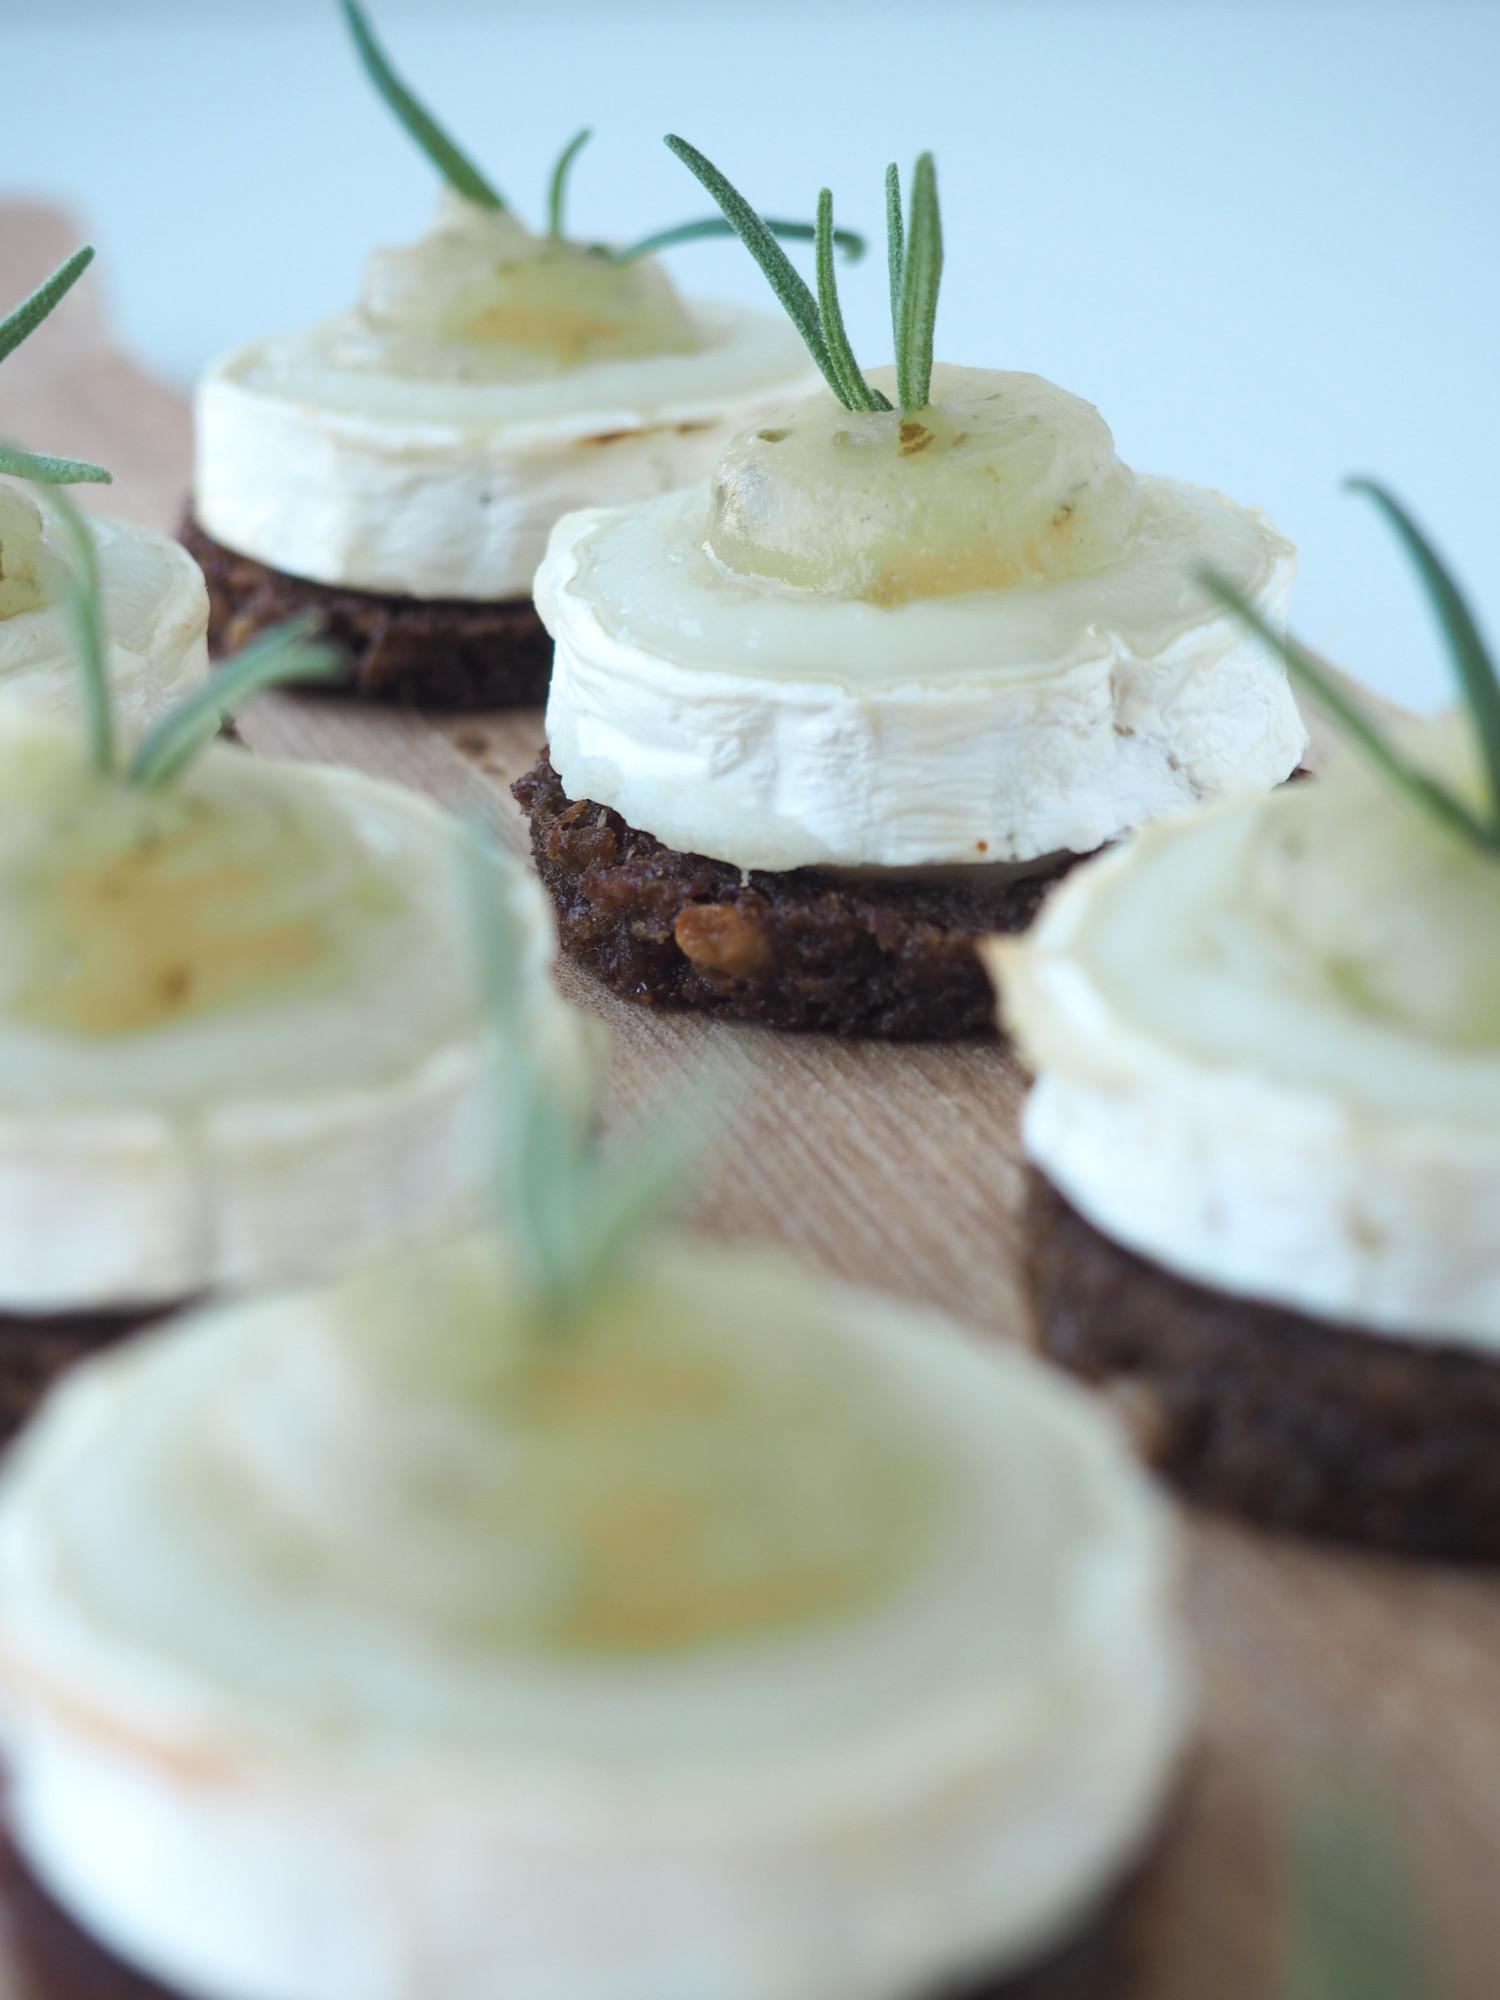 Små gedeostehapsere på smørristet rugbrød, gratineret gedeost og syrlig pære-rosmarinpure. Chèvre chaud hors d'oeuvre ala Beksemad